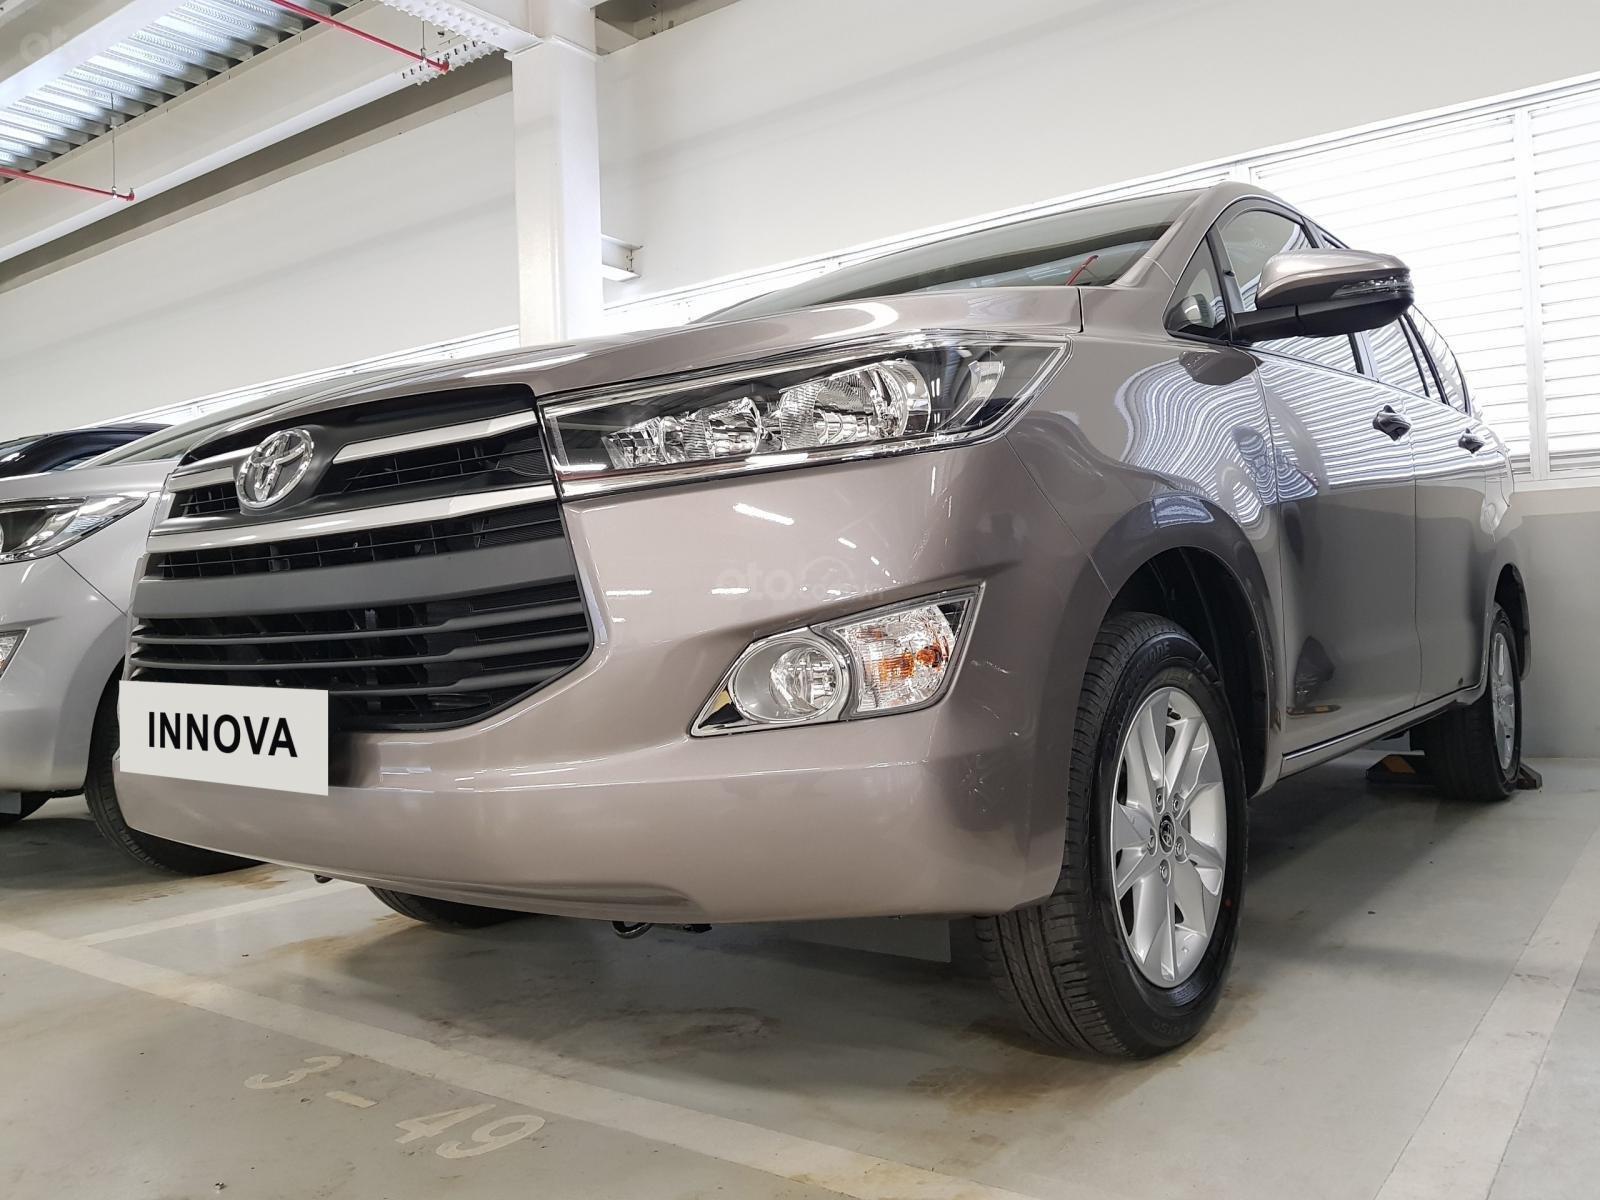 Toyota Innova E 2020 - Đại lý cấp 1- Đập thùng 142tr + phí lấy xe, vay 80% góp lãi thấp (8)